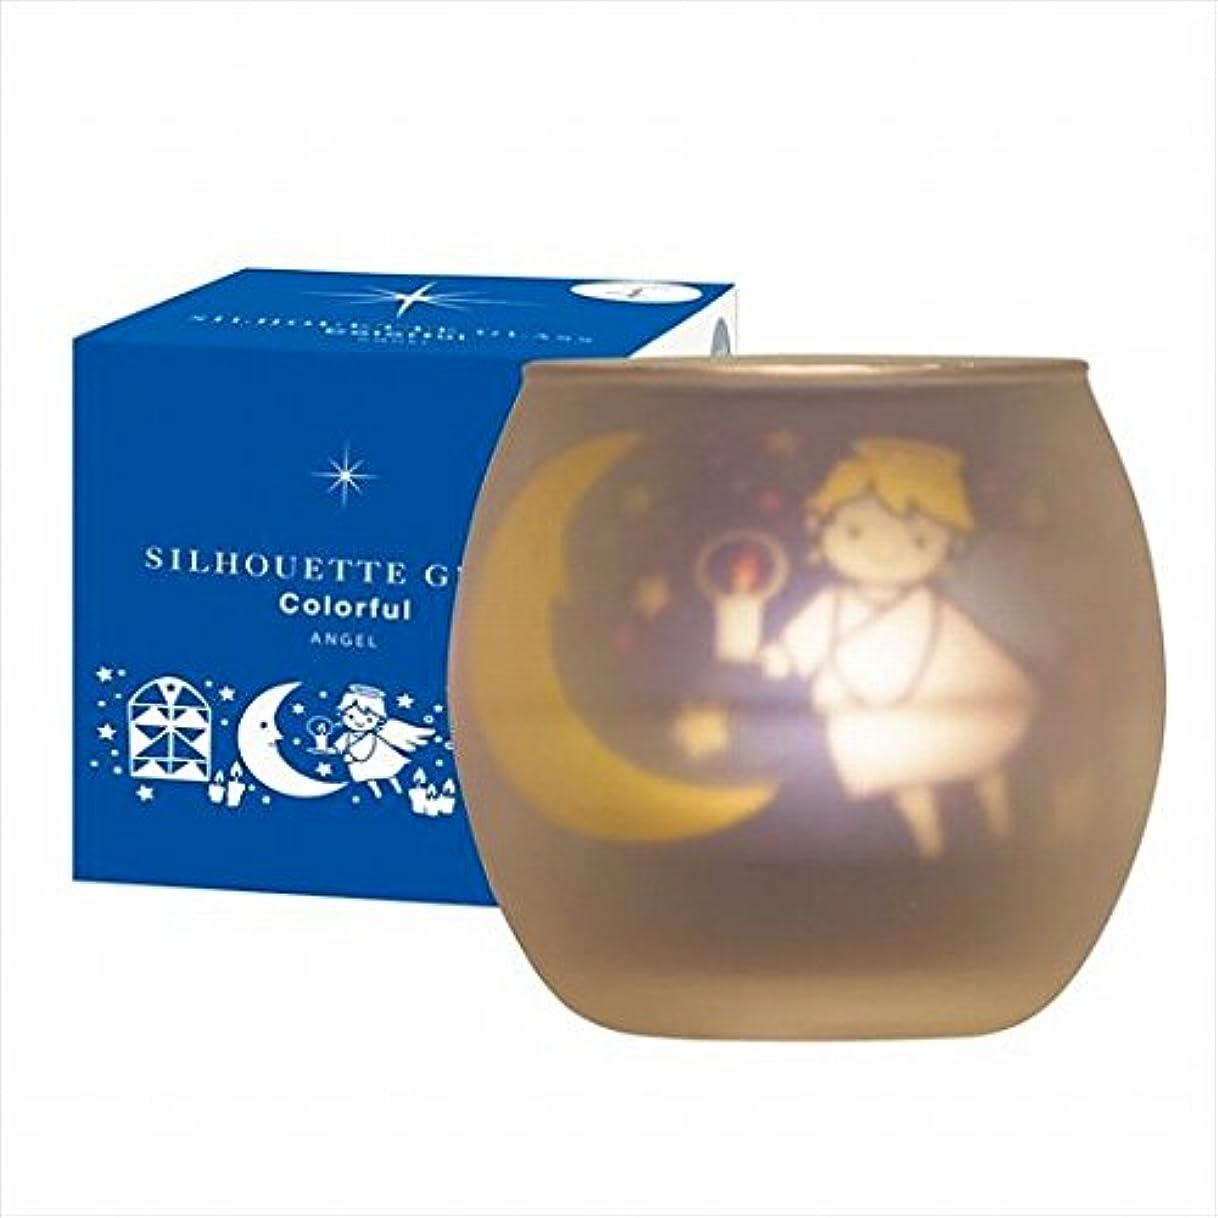 ベット恋人どうやらカメヤマキャンドル(kameyama candle) シルエットグラスカラフルエンジェル【キャンドル4個付き】